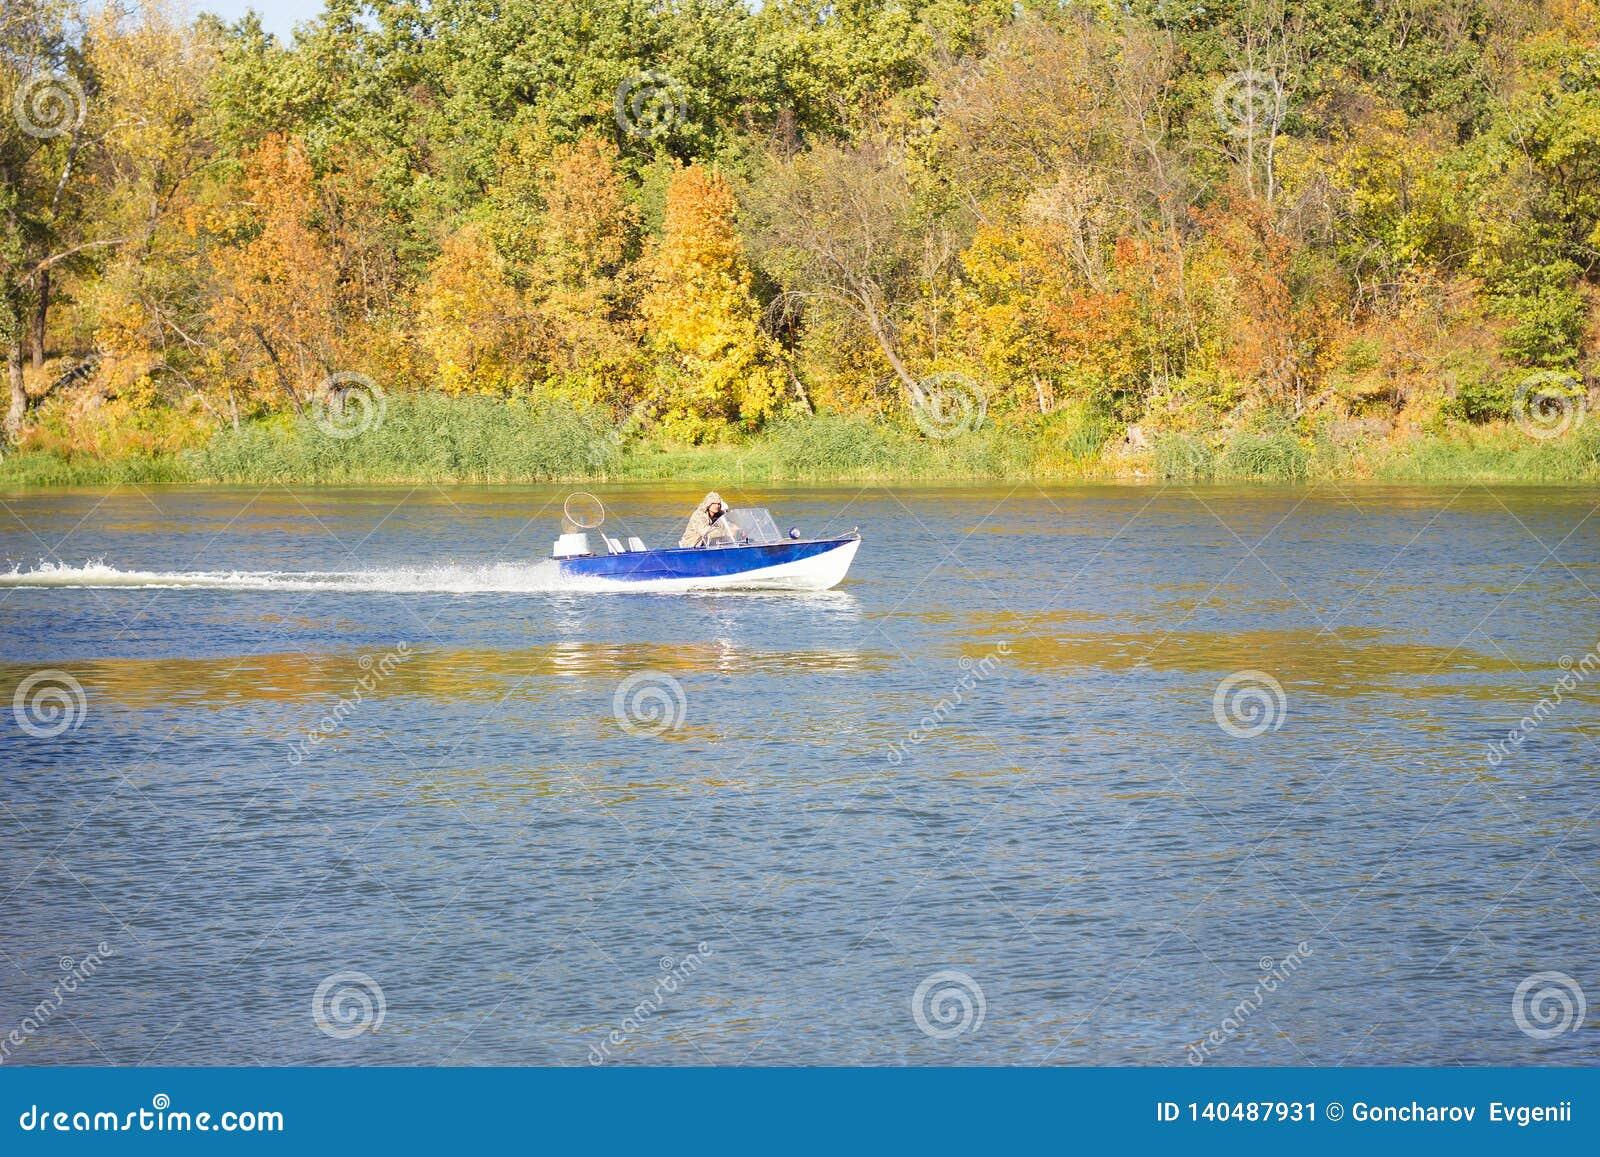 Маленькая лодка плавает дальше